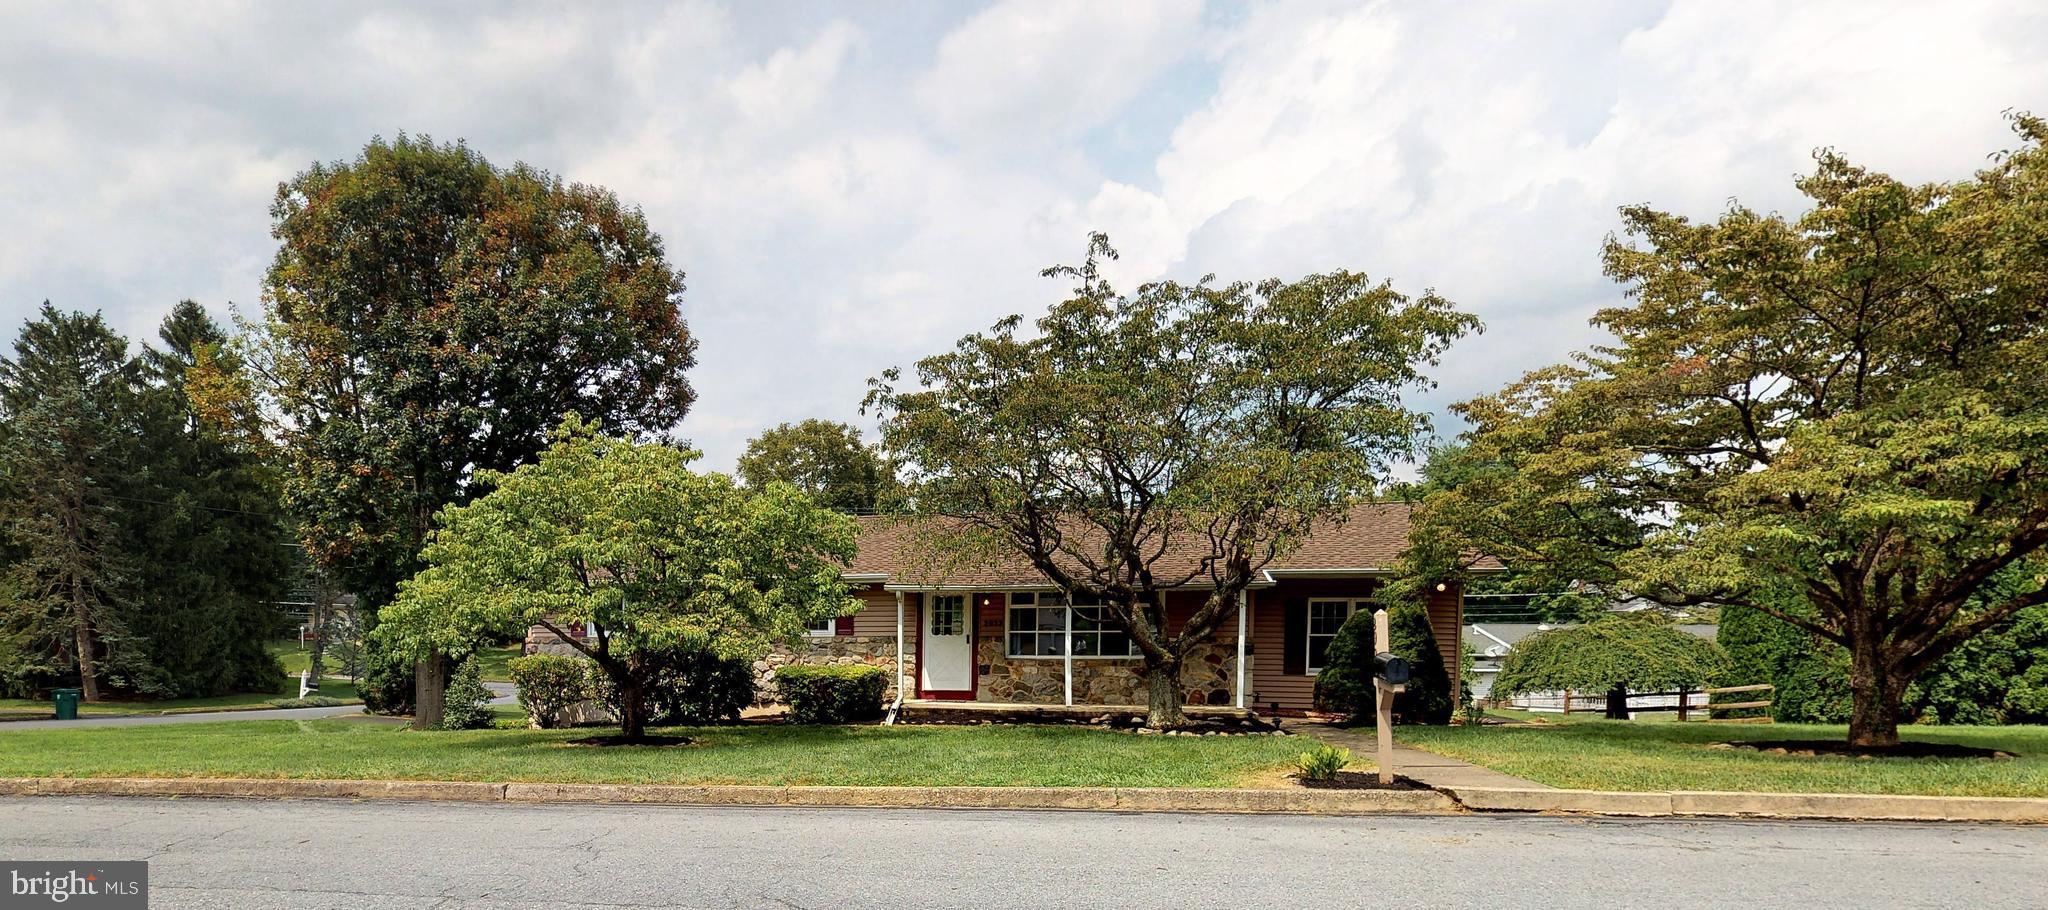 2923 CLAYTON STREET, EASTON, PA 18045